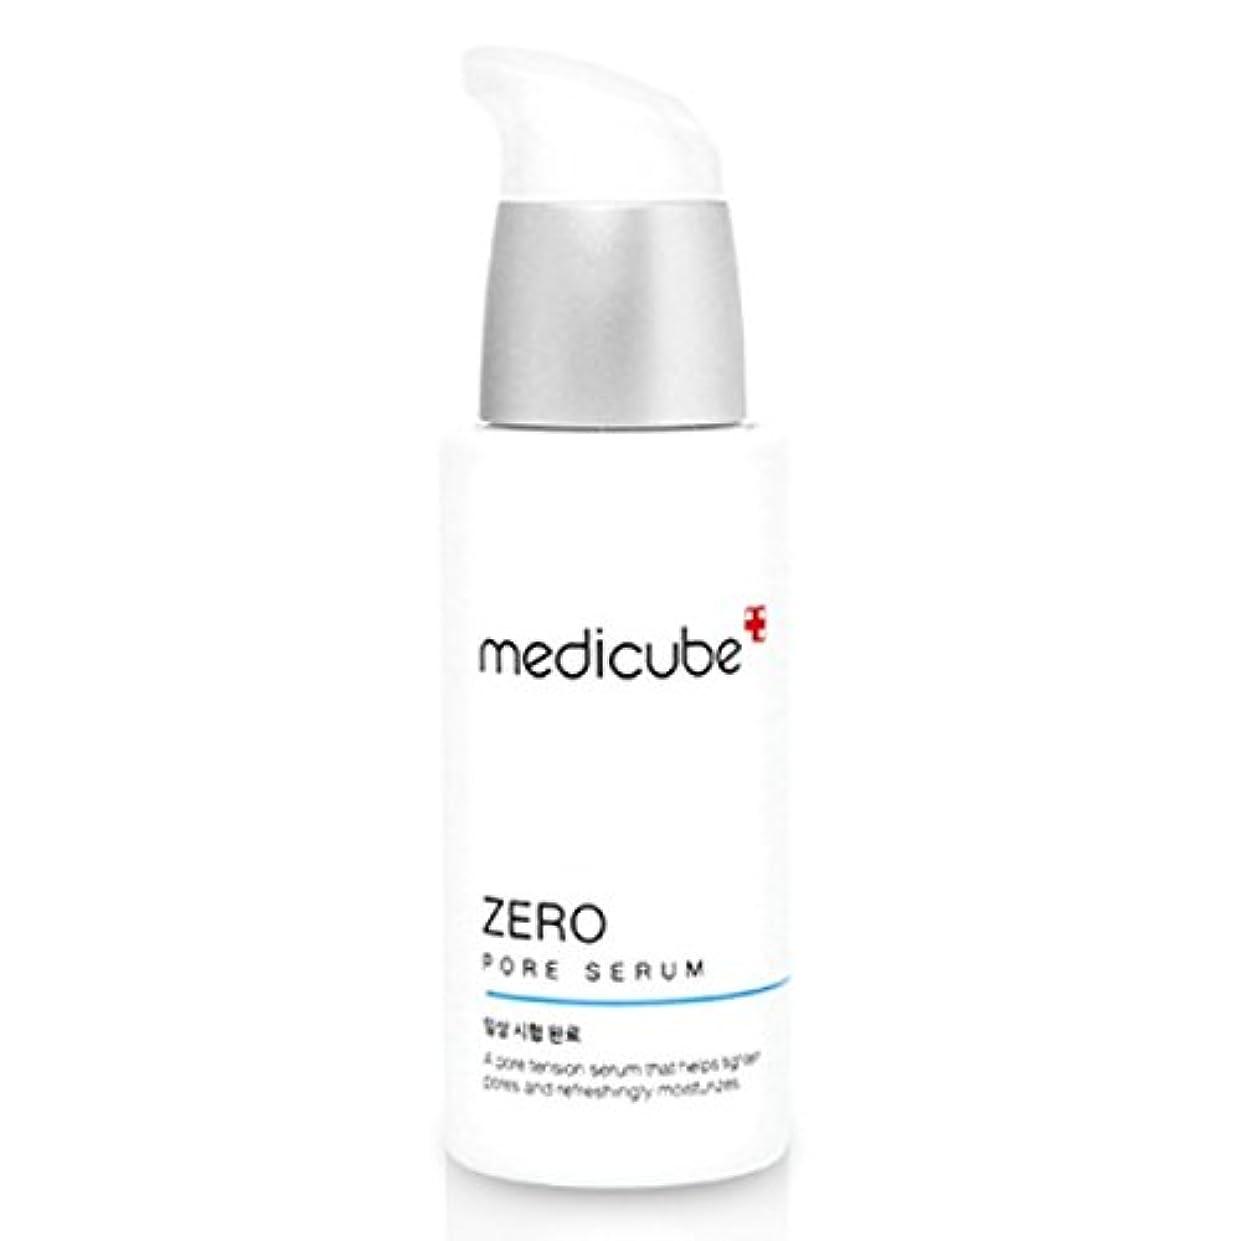 わかりやすいコードレス優しさ[Medicube メディキューブ] ゼロポアセラム 27ml / Zero Pore Serum 27ml [並行輸入品]